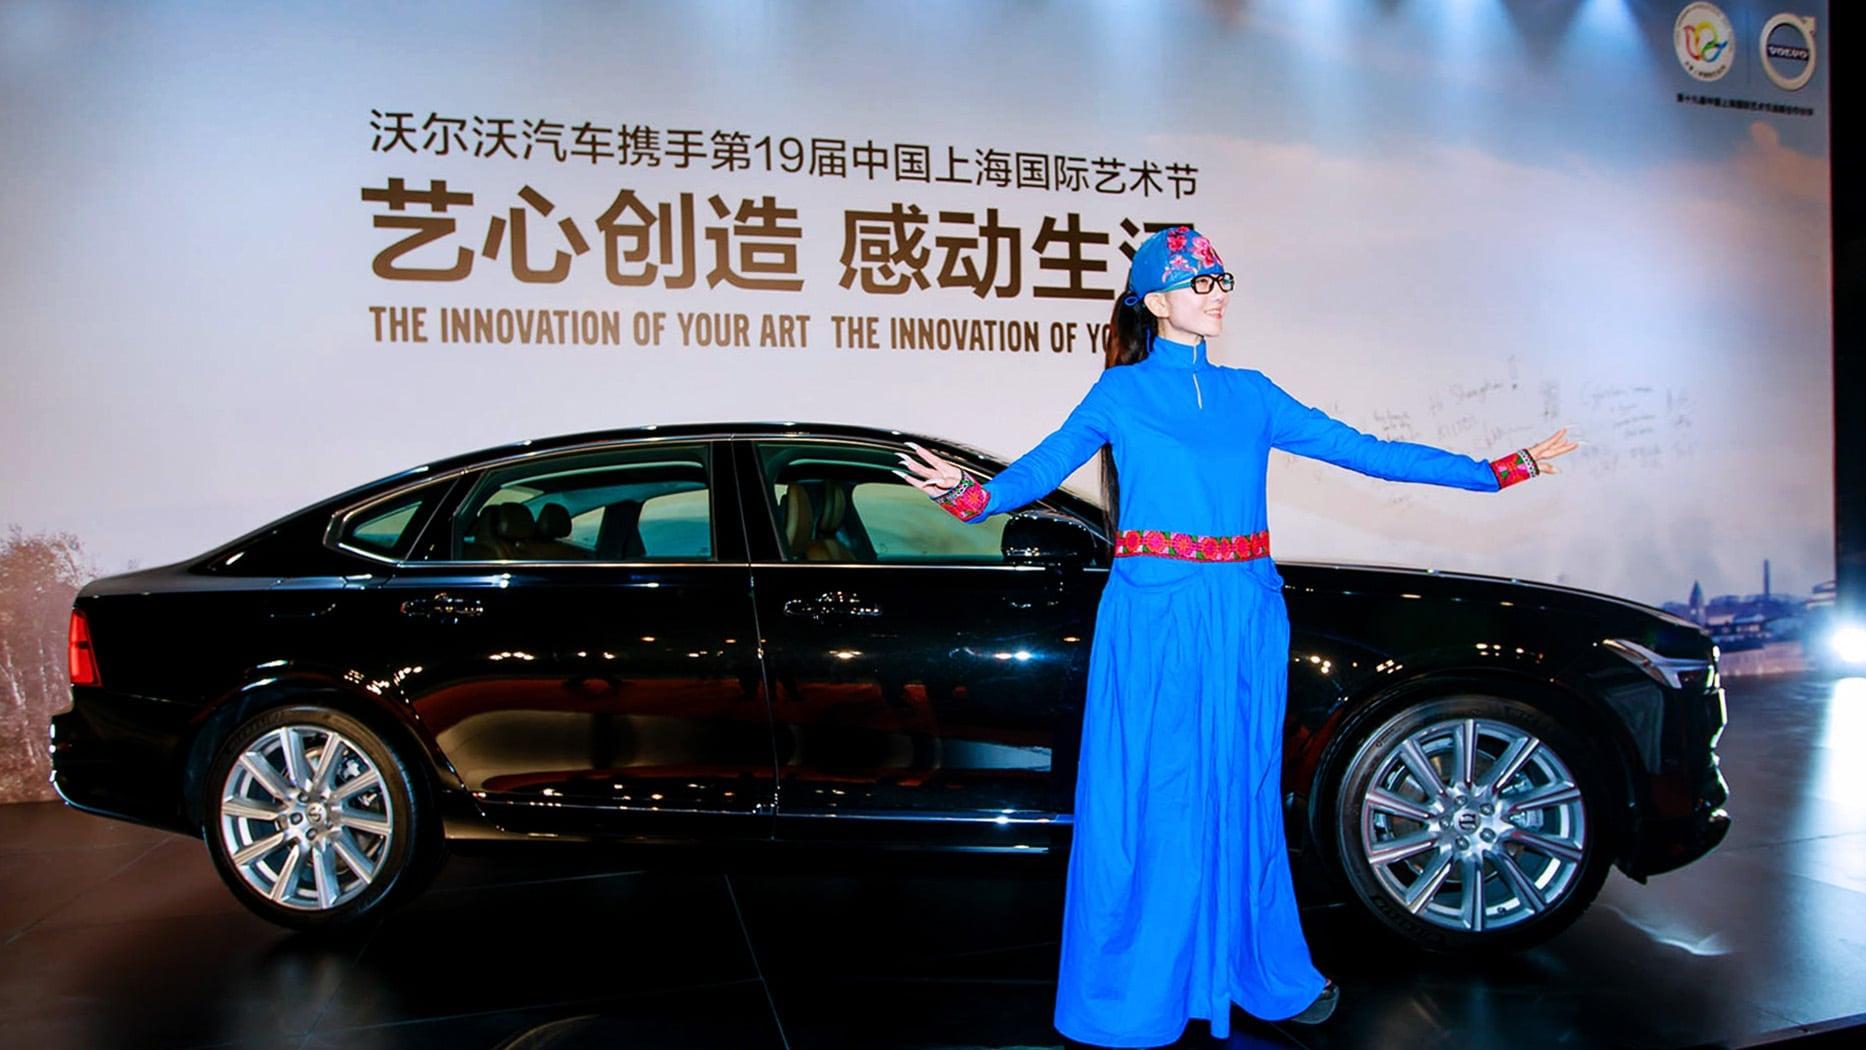 艺心创造,感动生活沃尔沃S90亮相中国上海国际艺术节开幕盛典